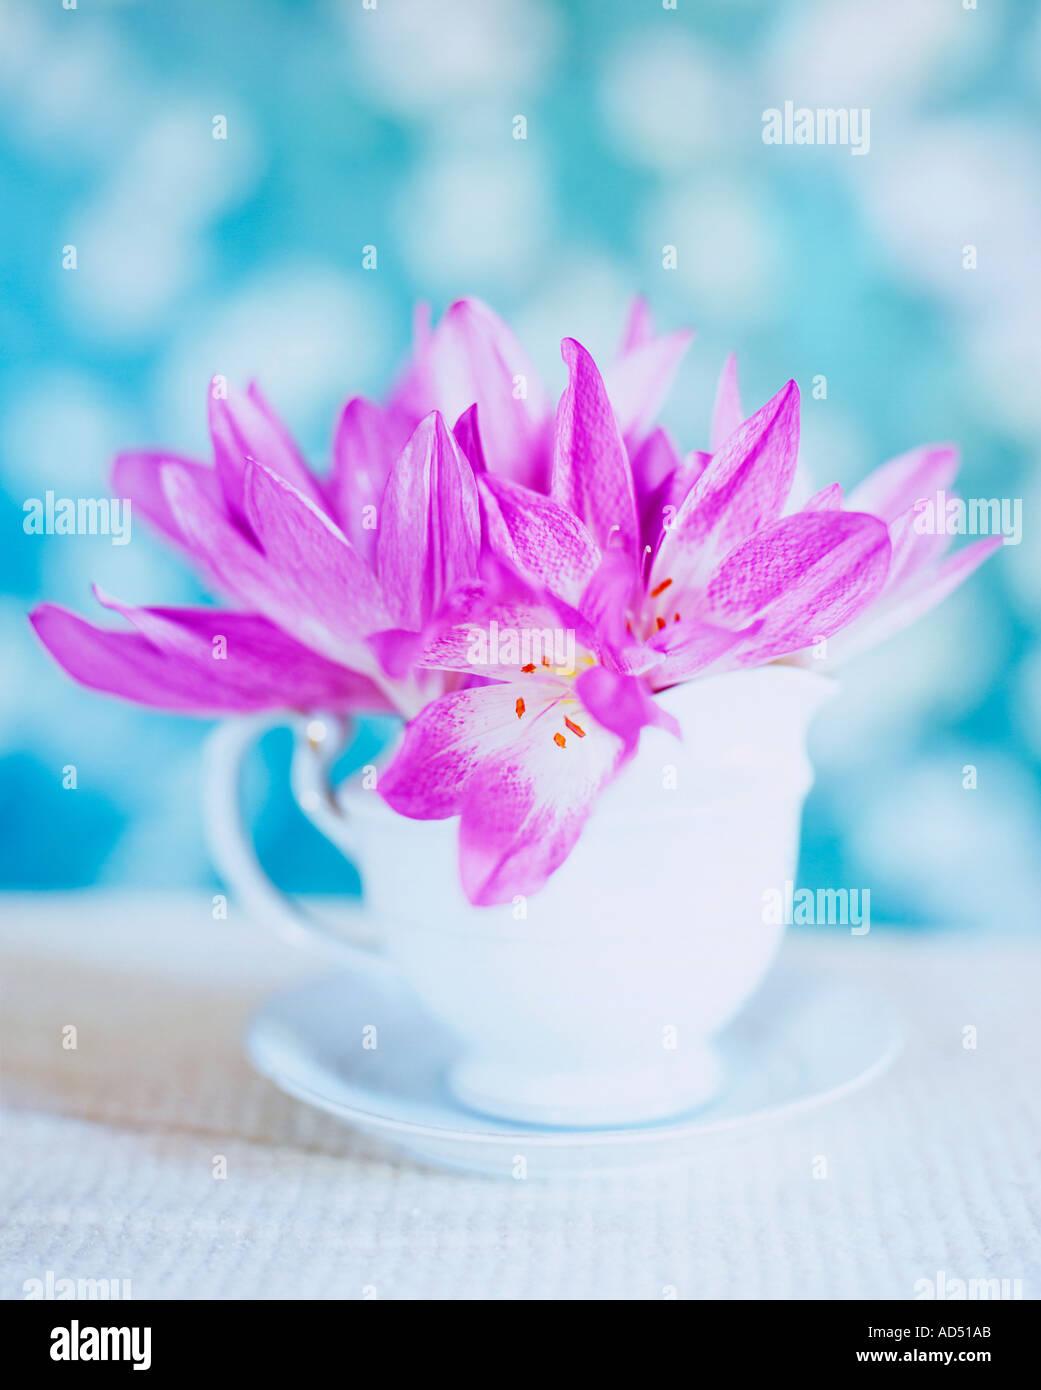 Flores bodegón Imagen De Stock